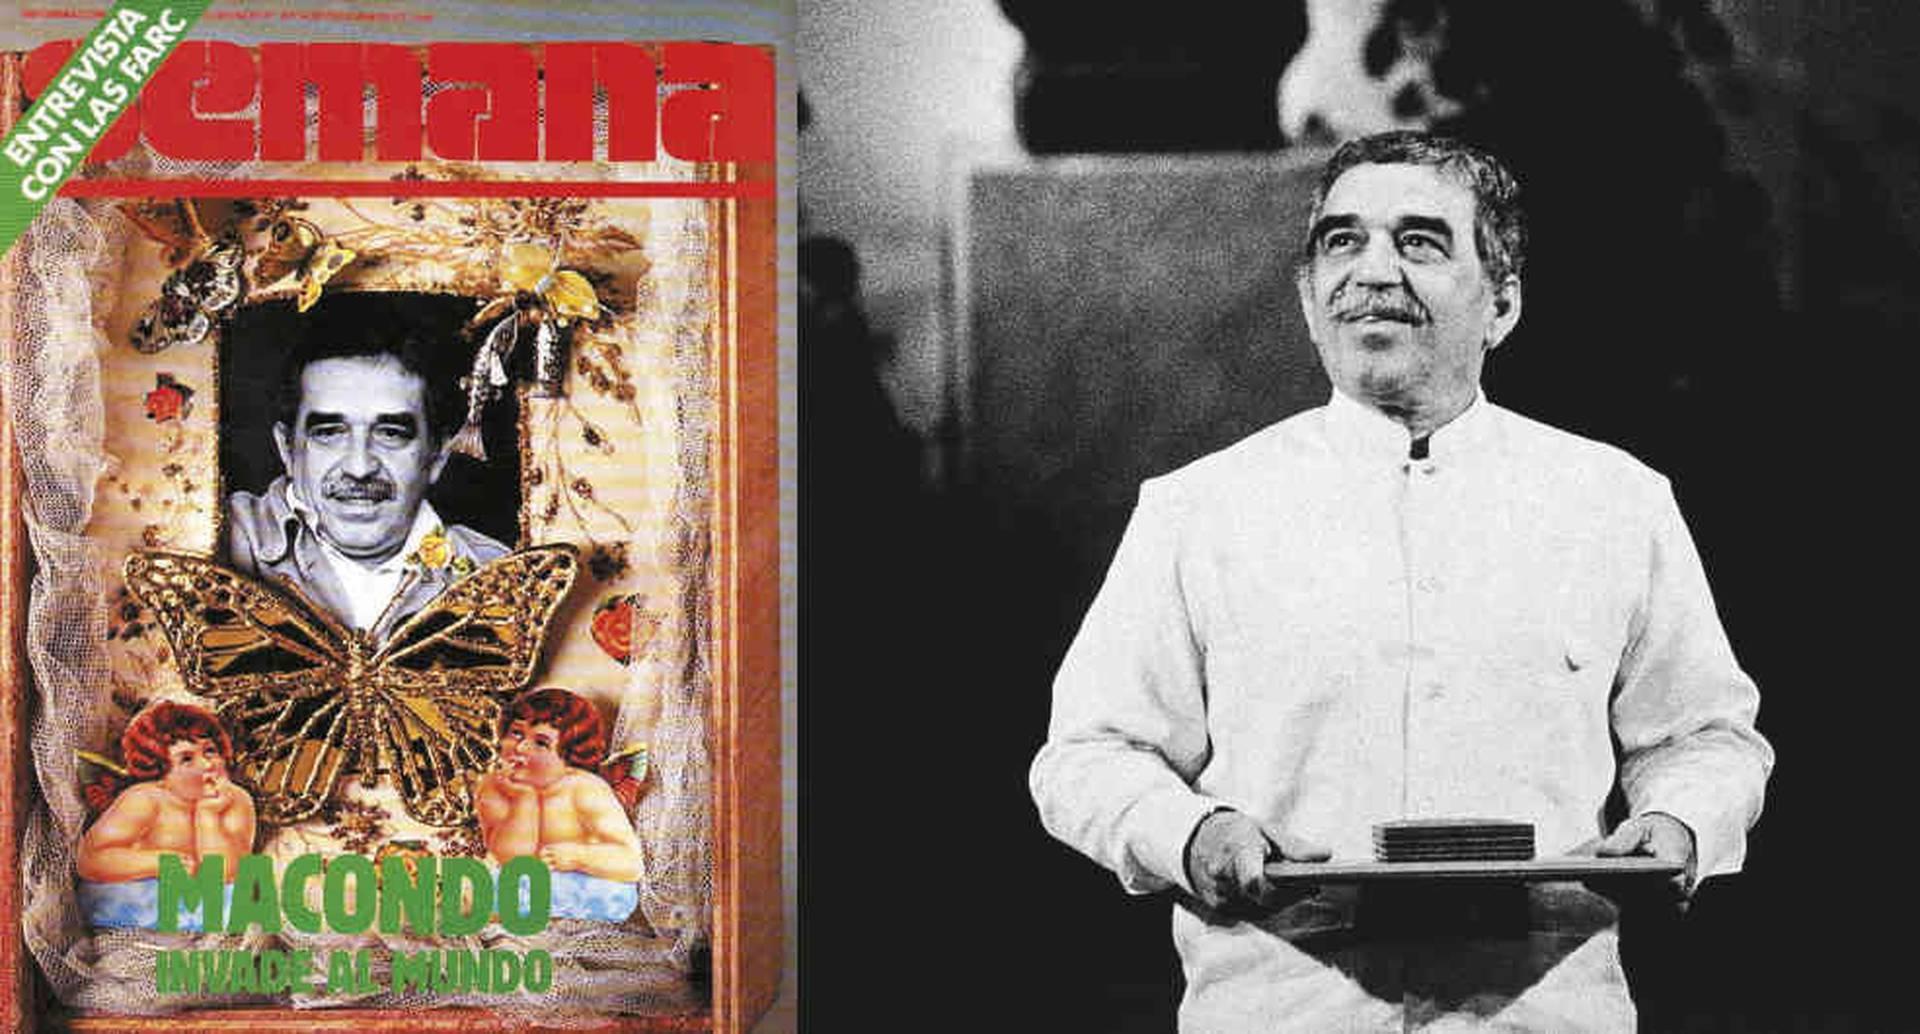 EDICIÓN 32 (1982) Homenaje a Gabo por el Nobel de Literatura. En las dos primeras décadas de existencia de SEMANA, Gabo colaboró con frecuencia y apareció varias veces en la portada.